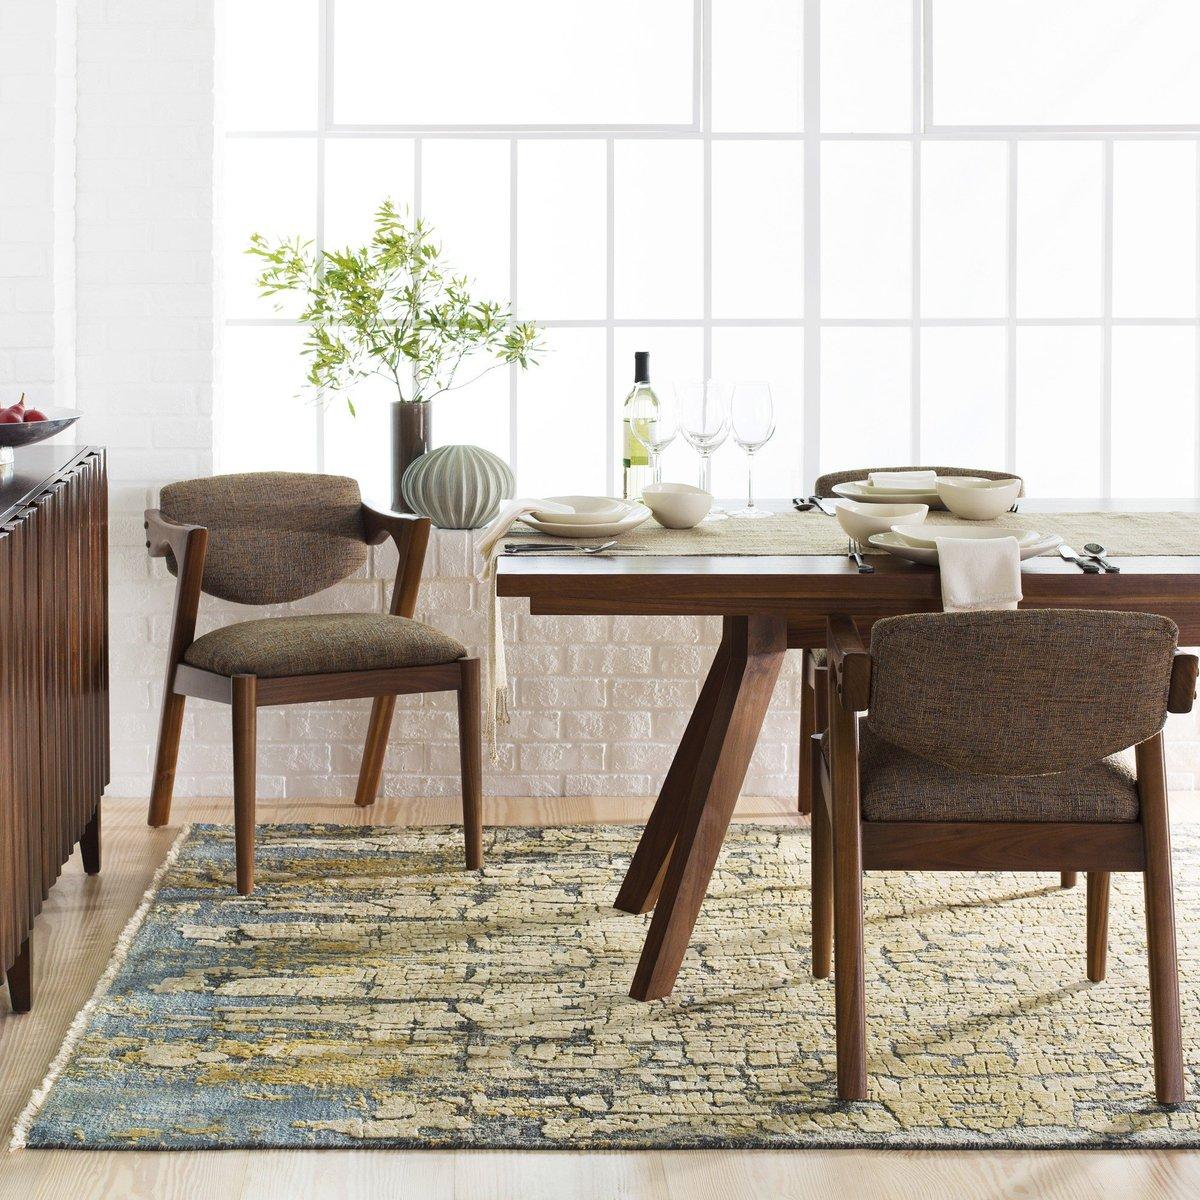 Formal Mid-Centry Modern Dining Room Decor Ideas